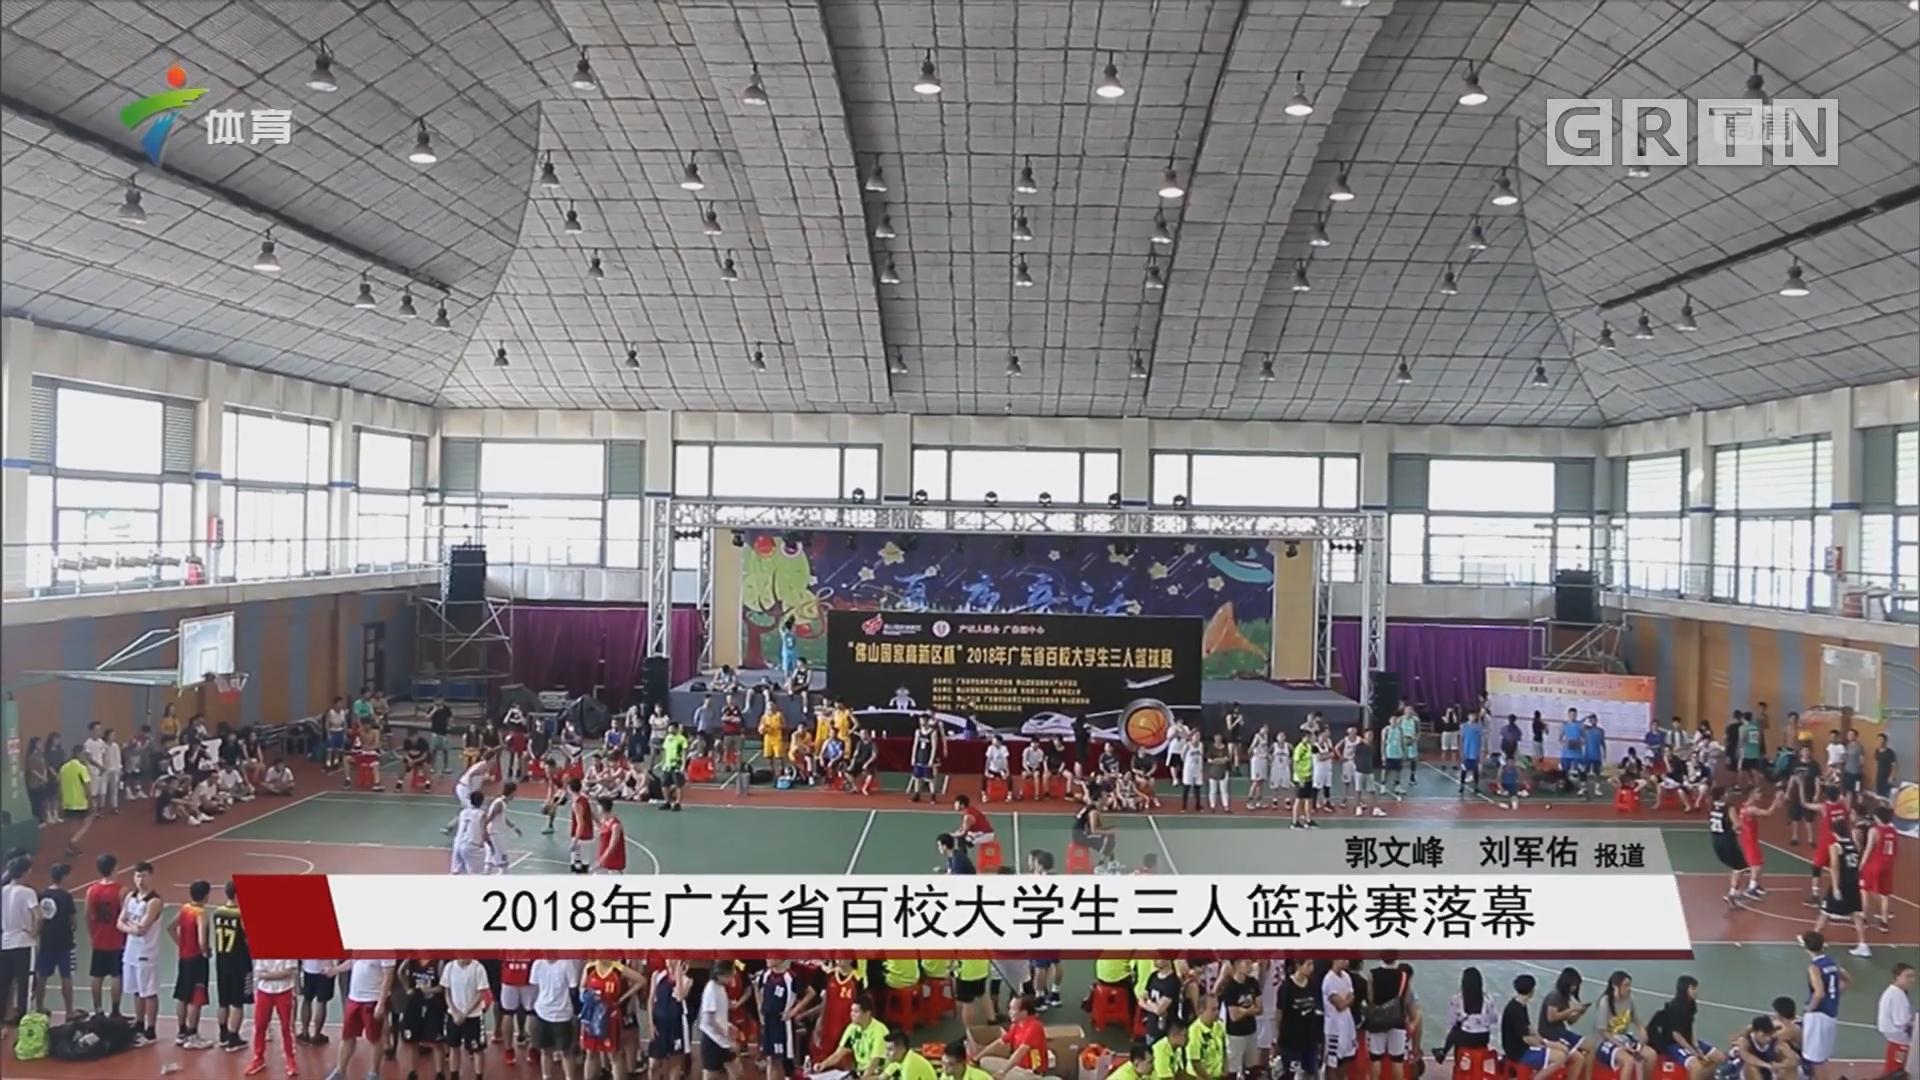 2018年广东省百校大学生三人篮球赛落幕